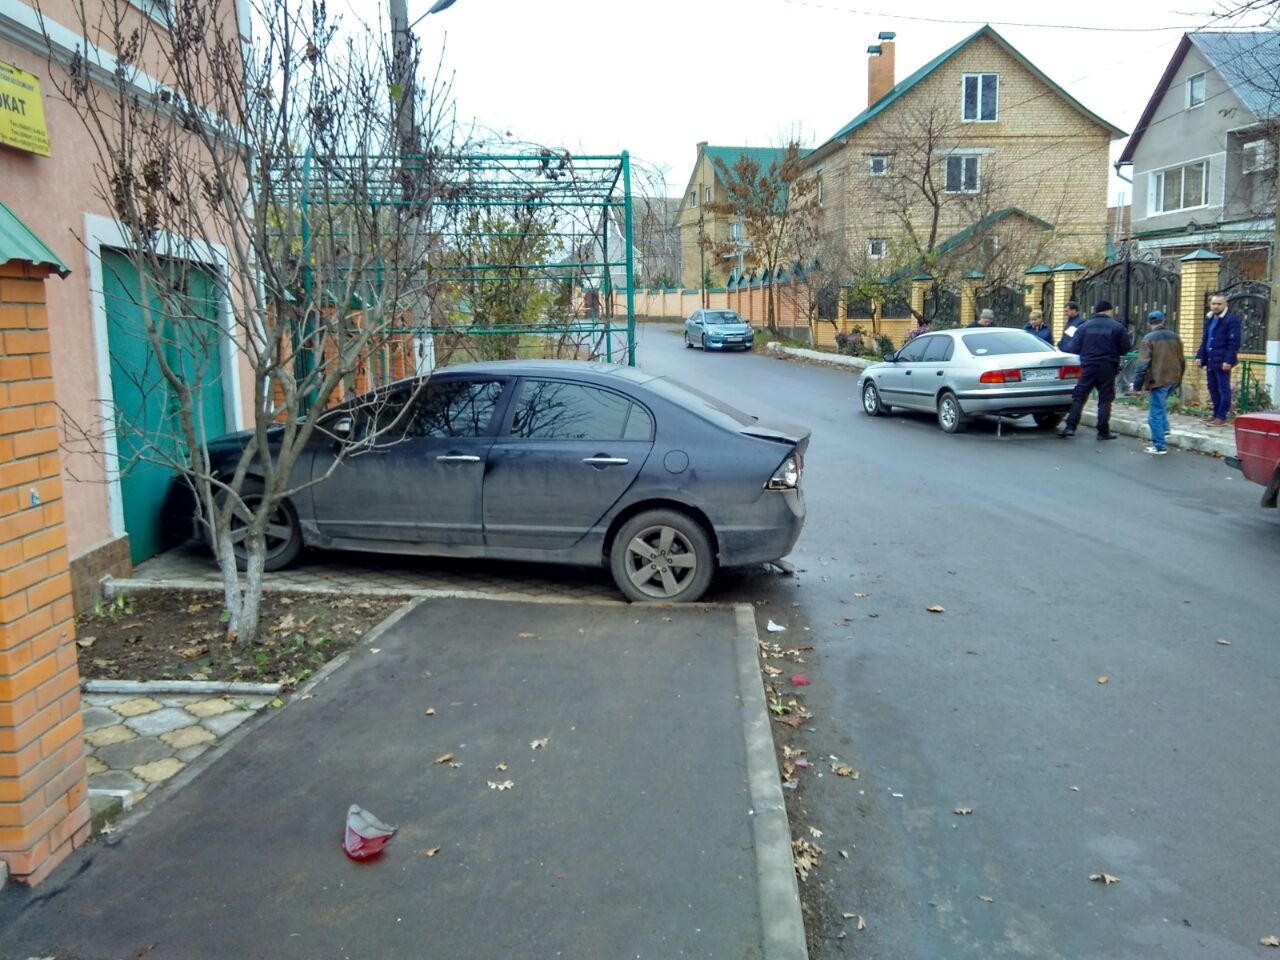 Измаил: на улице Короленко VW протаранил припаркованный возле дома автомобиль